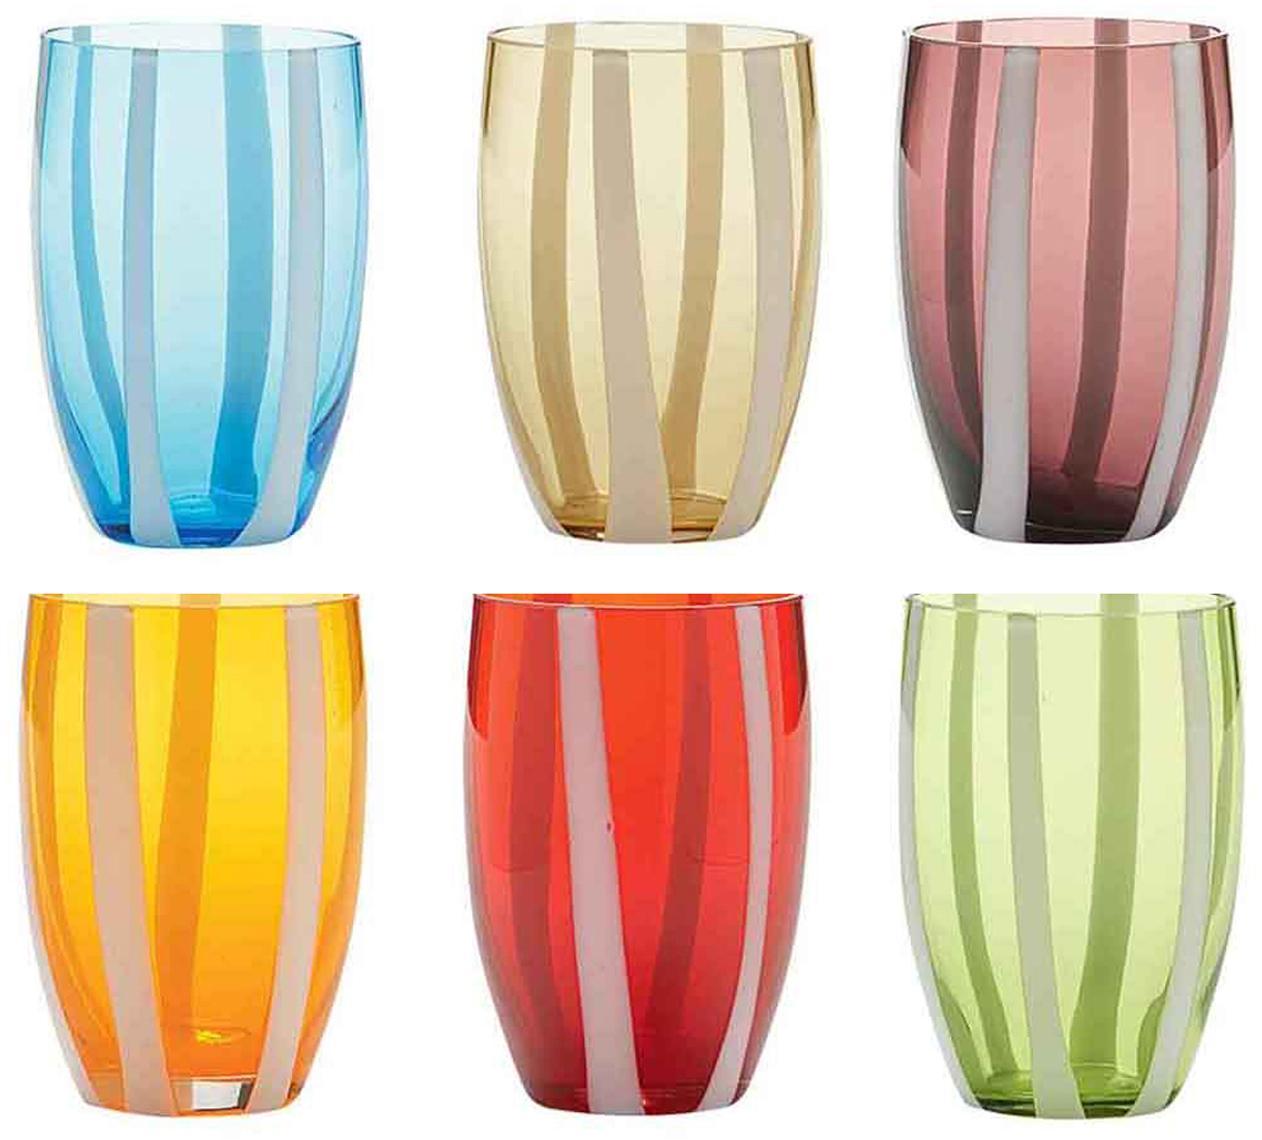 Mundgeblasene Wassergläser Gessato in Bunt, 6er-Set, Glas, Weiß, Aqua, Bernsteinfarben, Pastellviolett, Orange, Rot, Grün, Ø 7 x H 11 cm